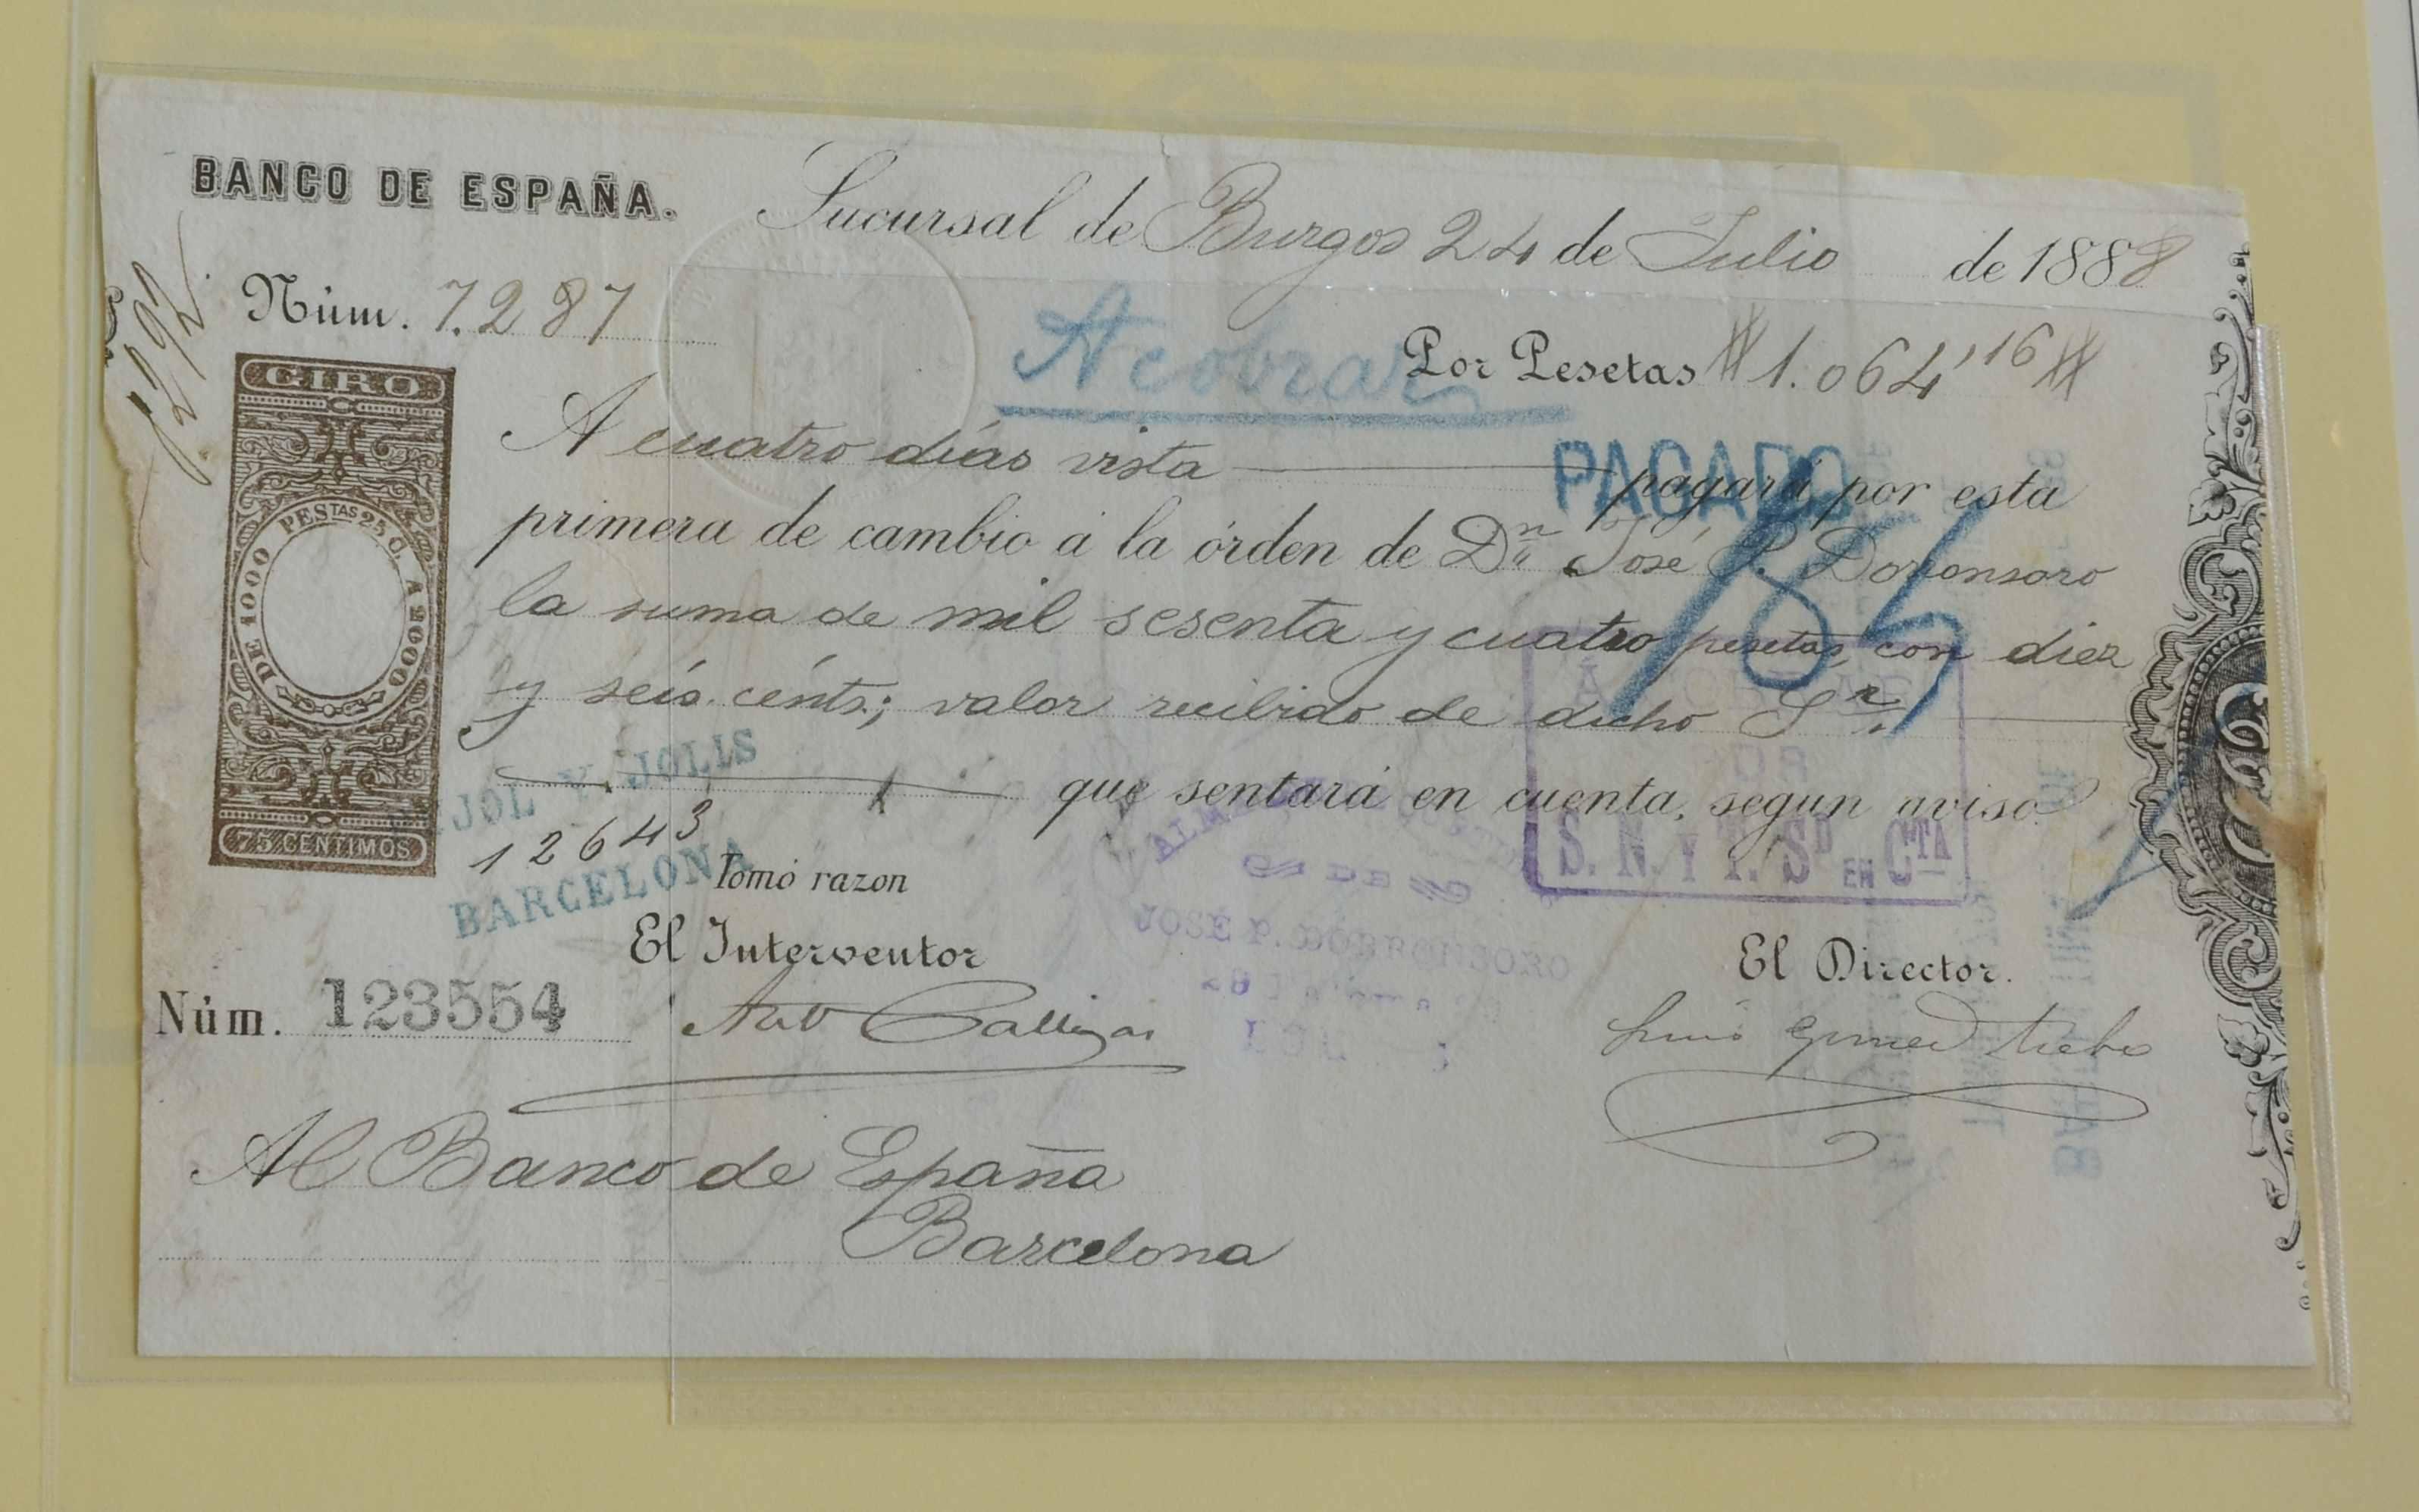 """Documentos del Banco de España y """"Fondo de papel moneda"""" D8a777308c09afd40d132ce6ef0255bco"""